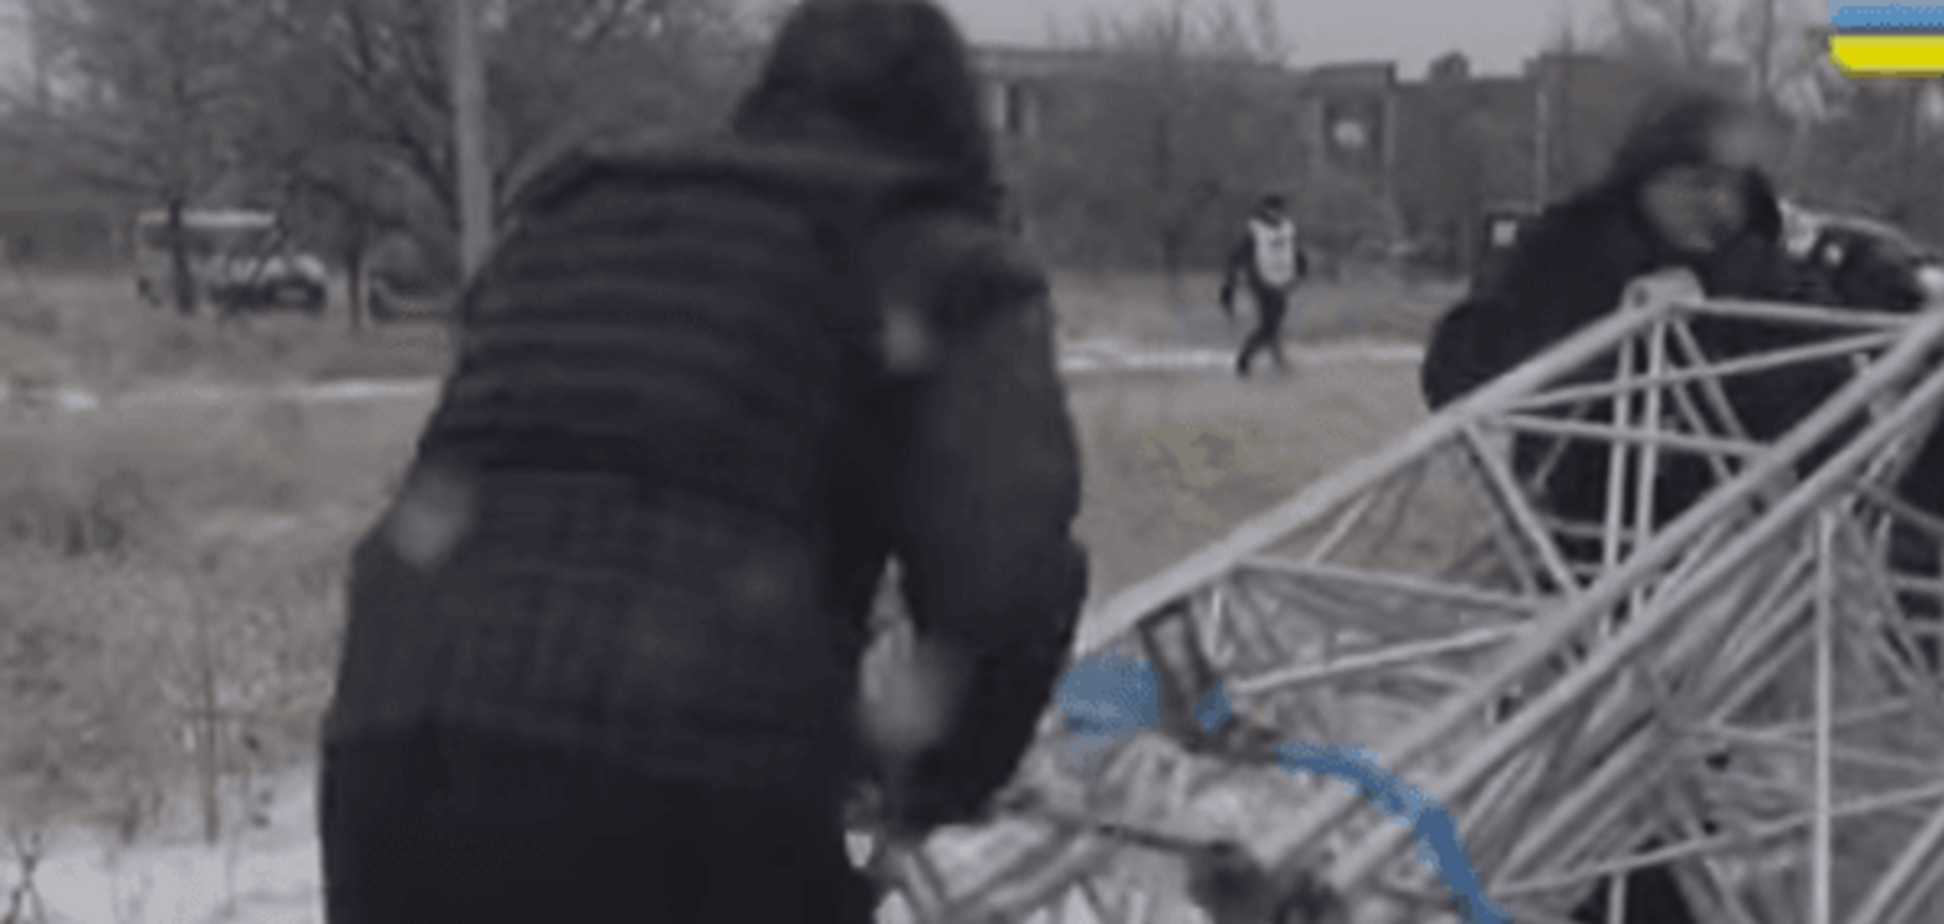 Всевидящее око: ОБСЕ будет следить за террористами в Широкино по веб-камерам. Видеофакт